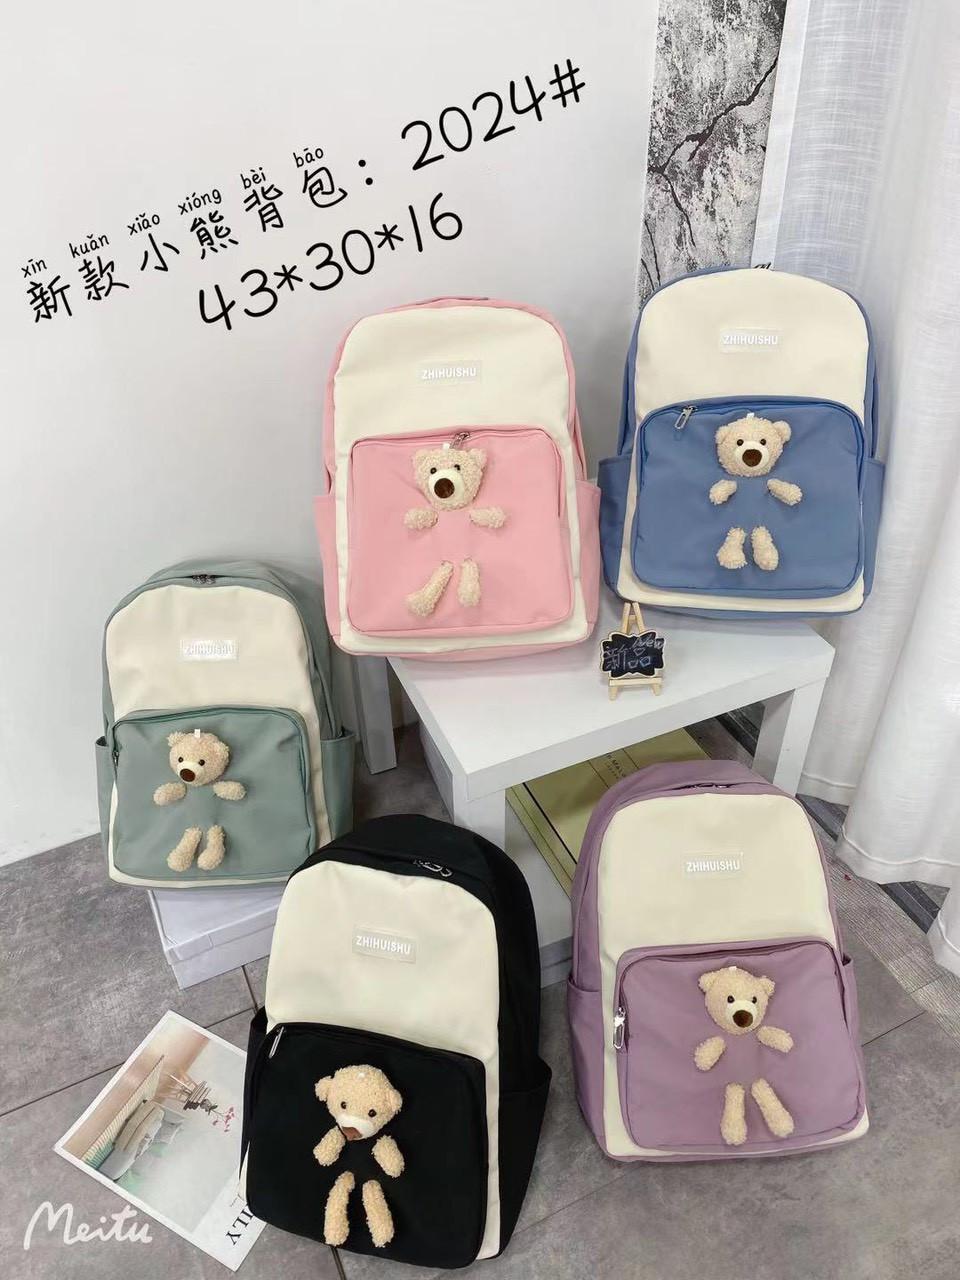 Рюкзак городской стильный тканевый с игрушкой Мишка в разных цветах 43*30 см Mark